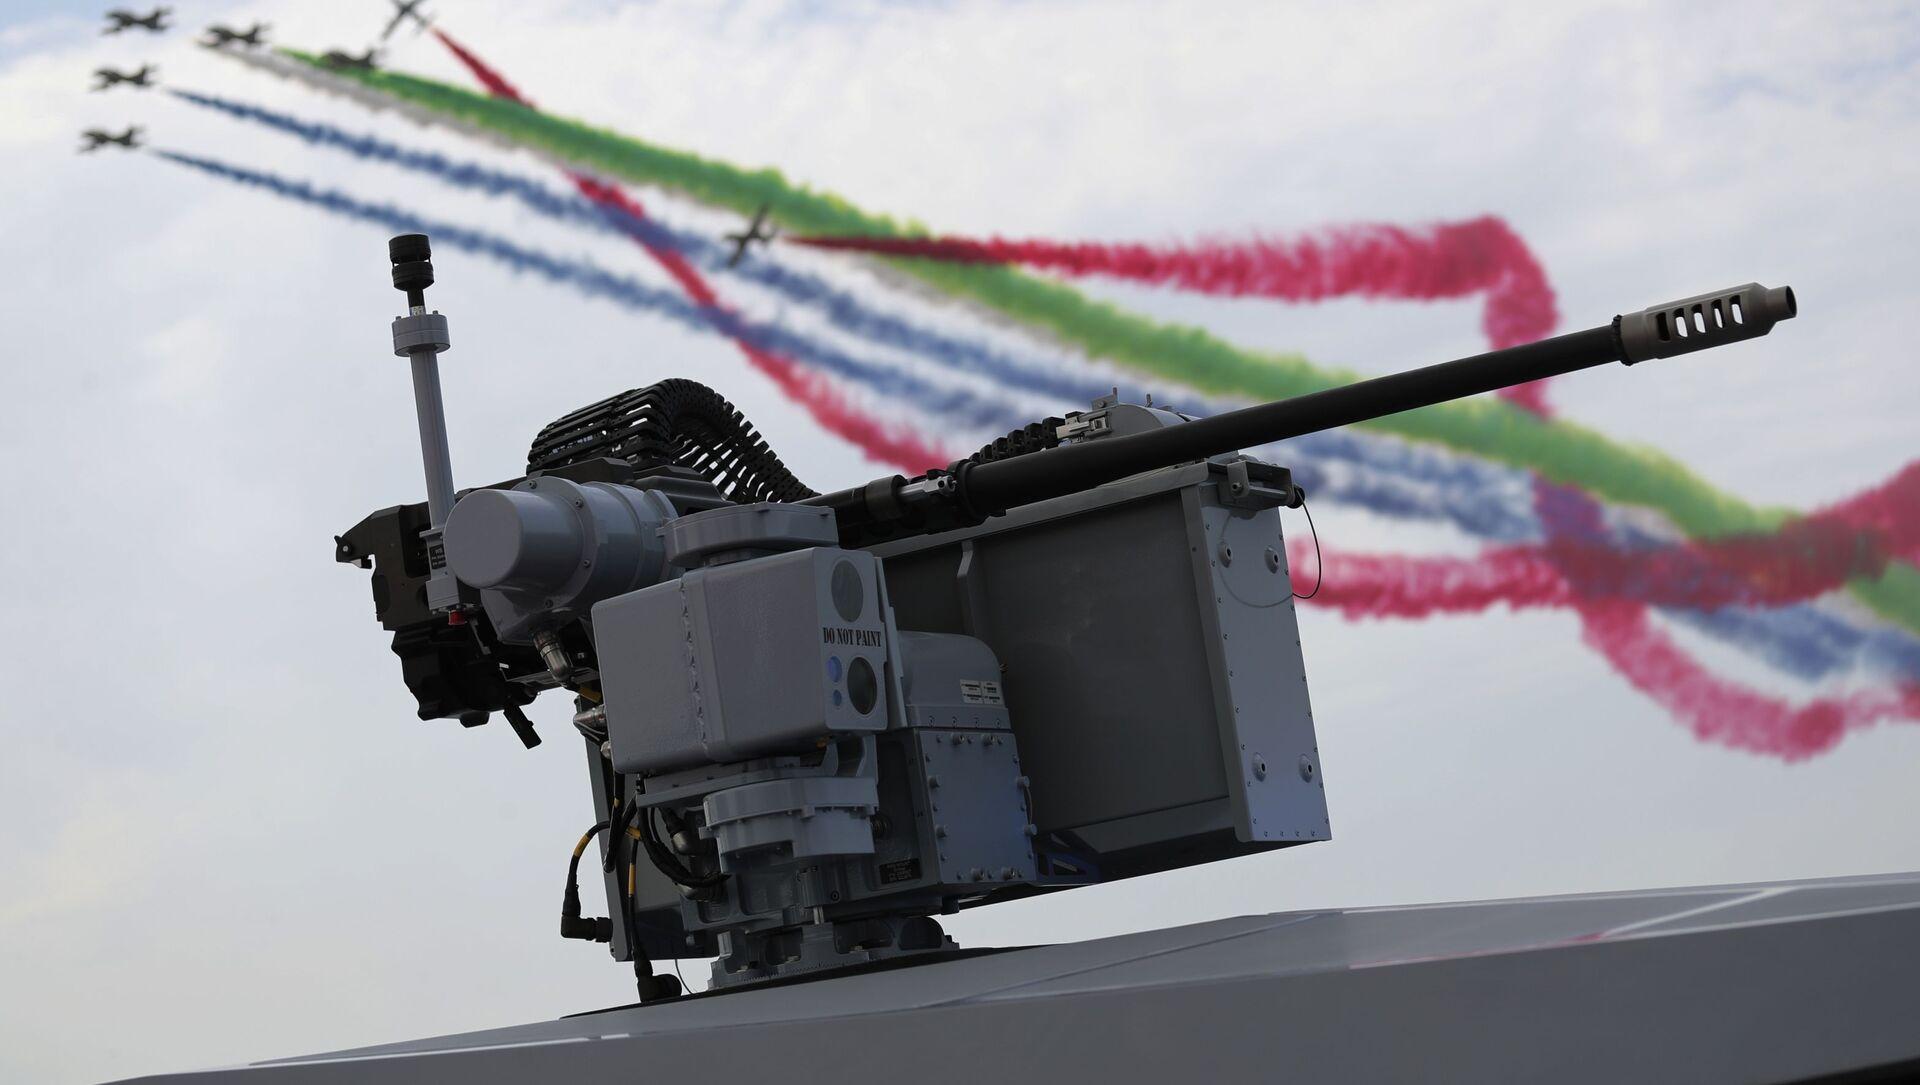 Letečtí akrobaté vzdušných sil Spojených arabských emirátů předvádějí své triky - Sputnik Česká republika, 1920, 23.02.2021